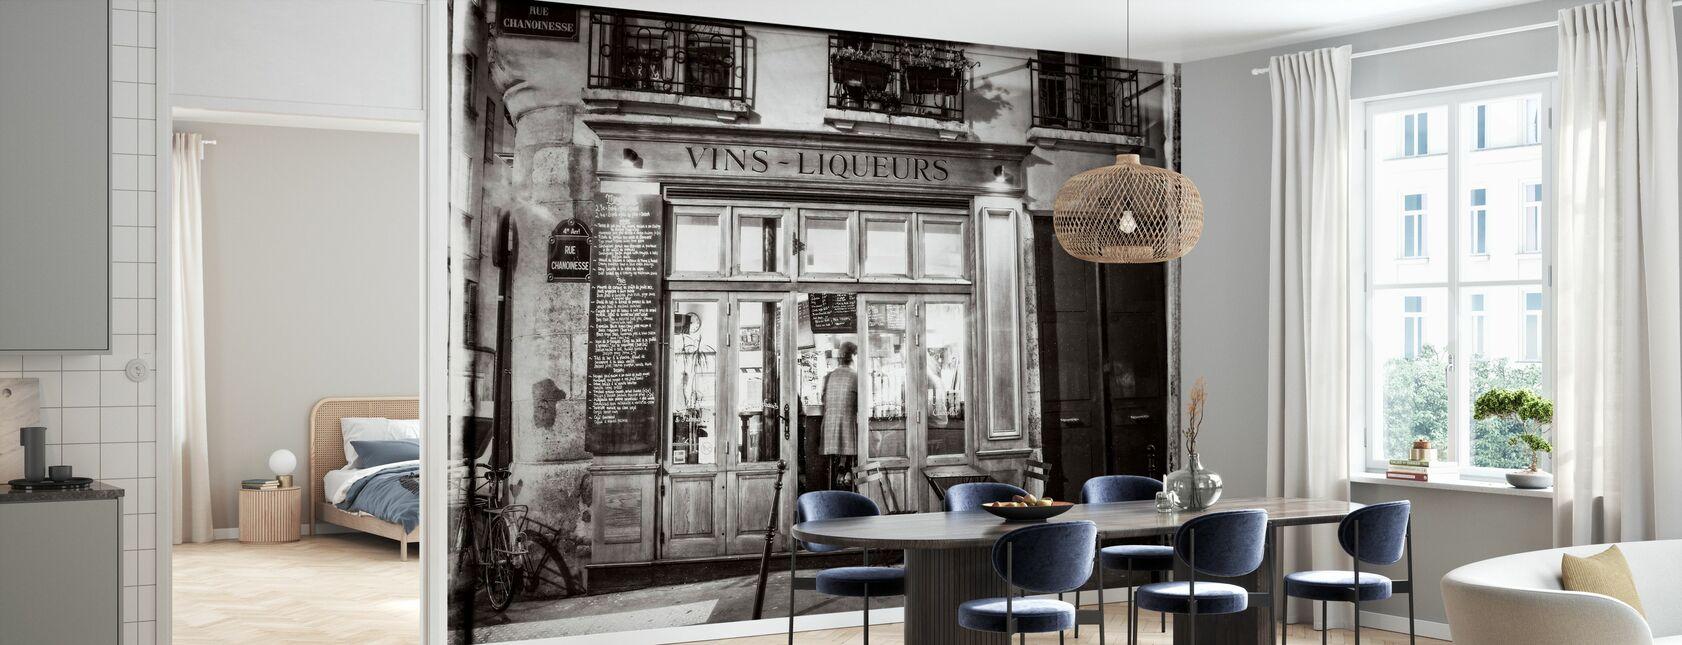 Slijterij - Parijs - Behang - Keuken